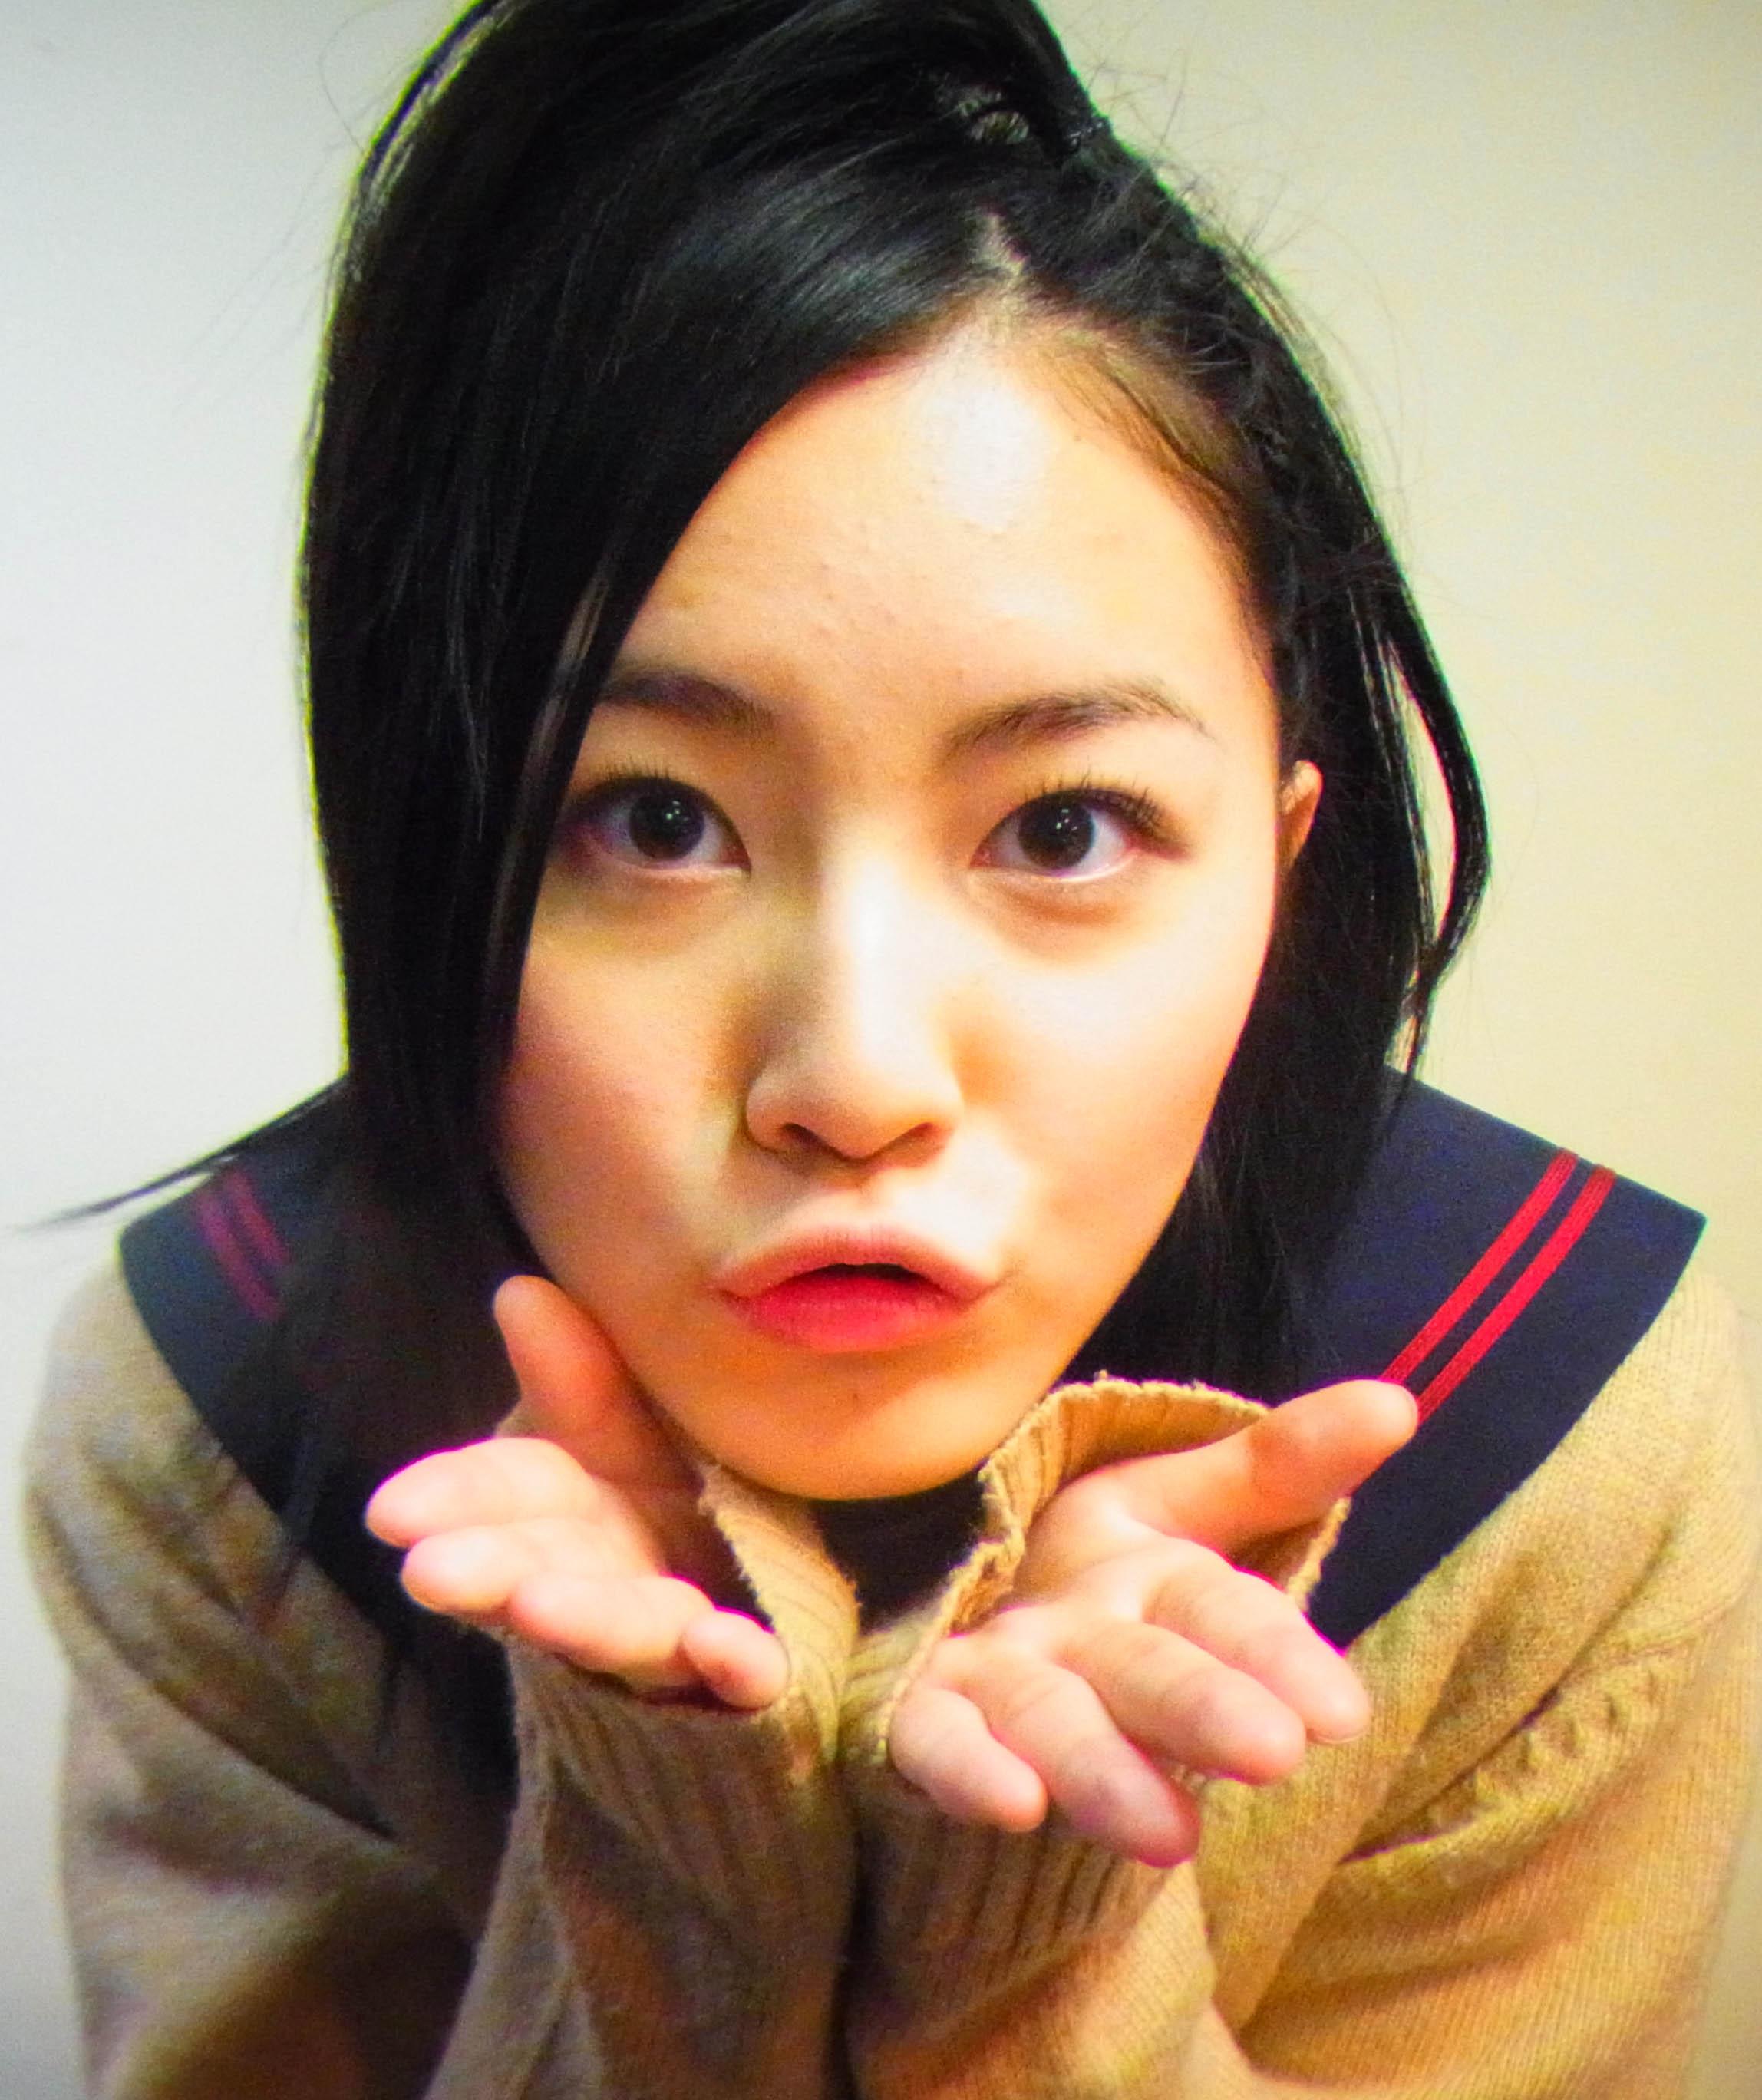 アイドルのキス顔 26